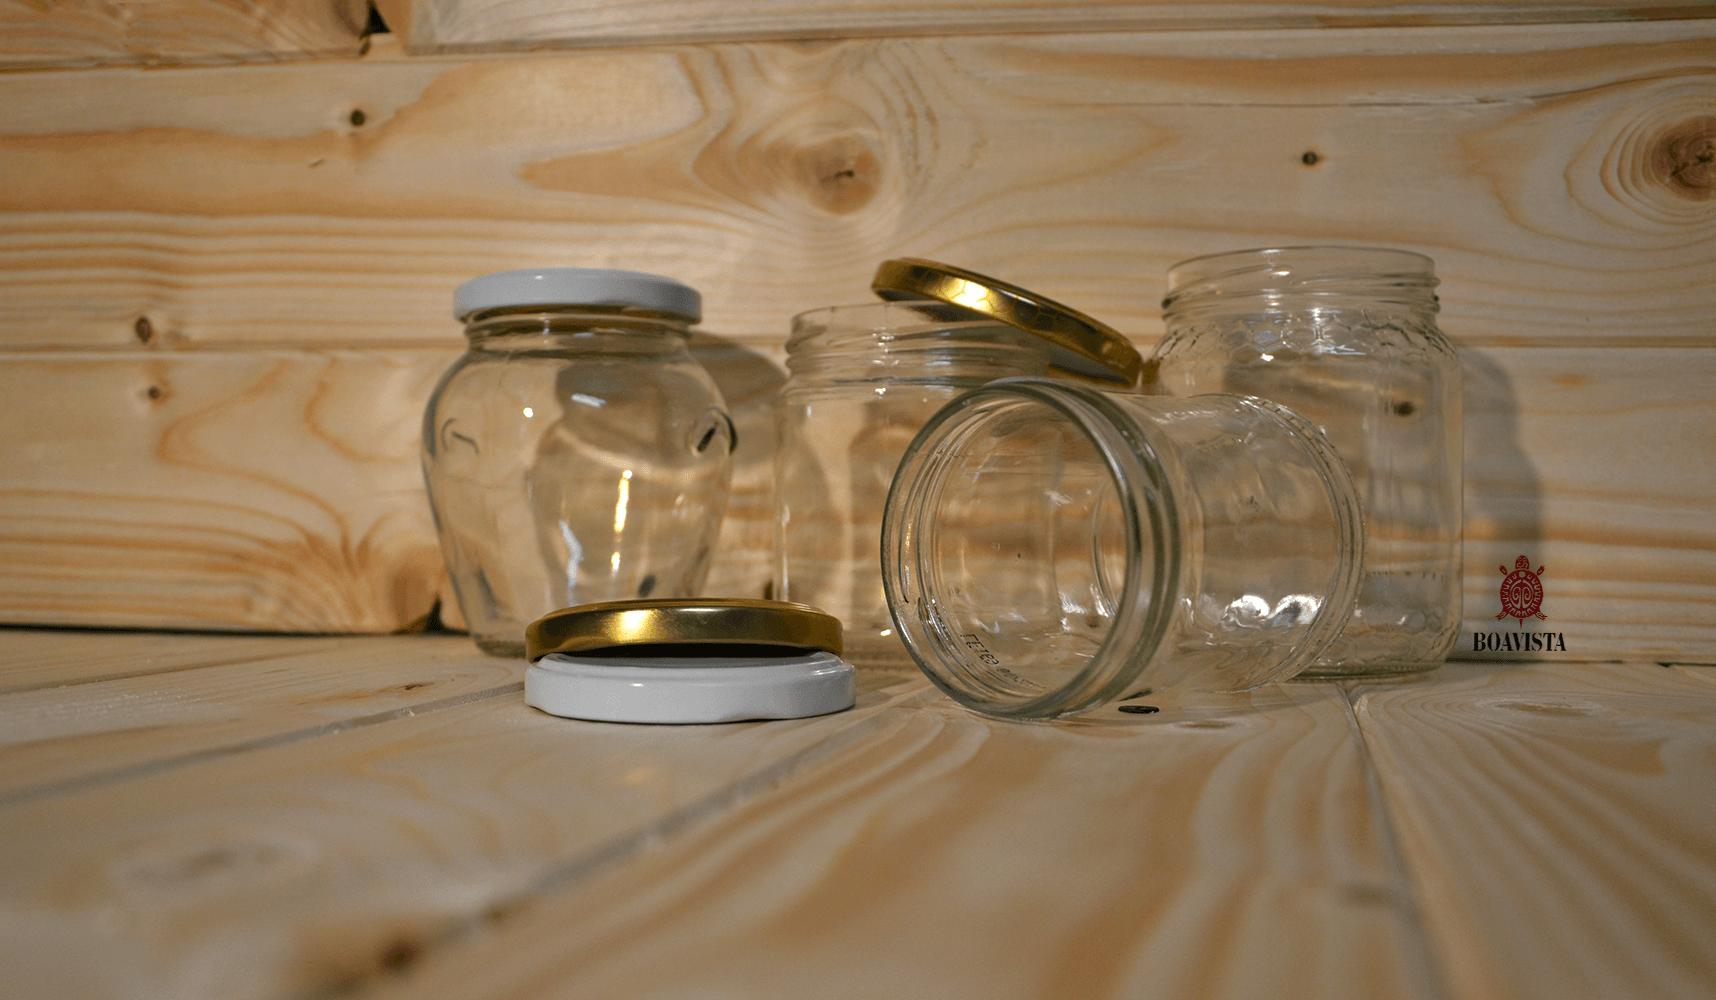 vasetti di vetro e capsule twist off